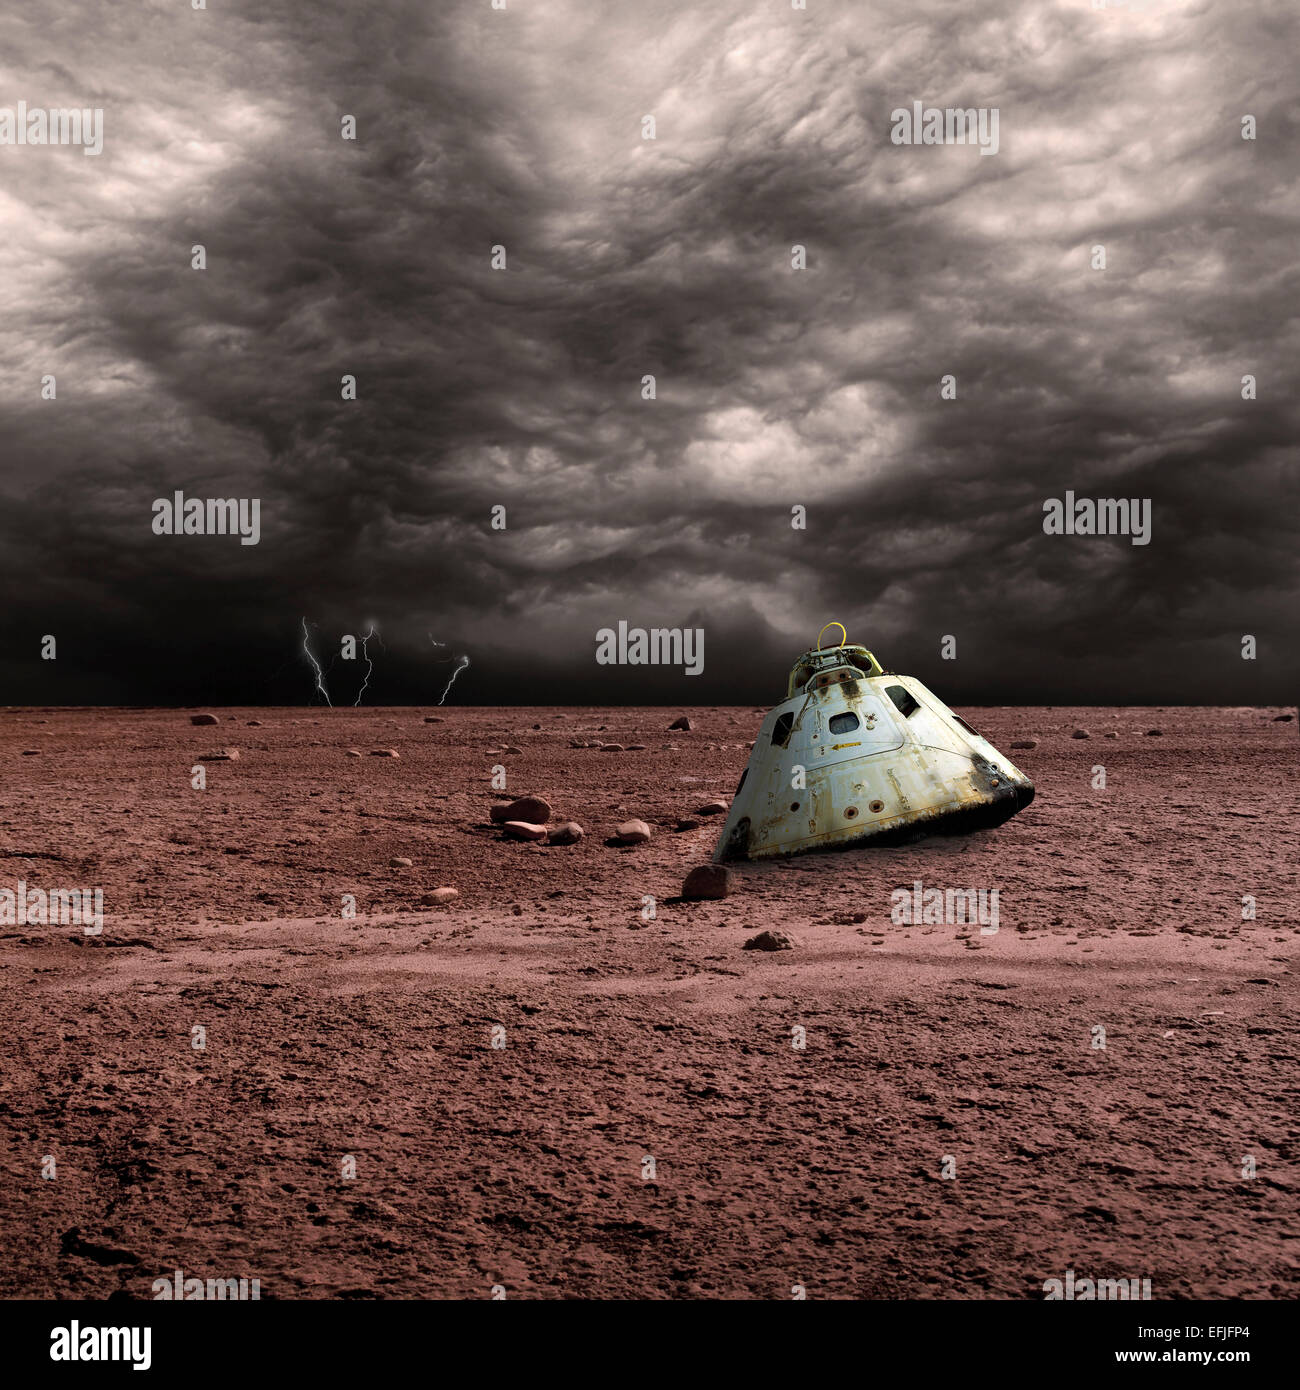 Eine verbrannte Raumkapsel liegt auf einer kargen Welt verlassen. Gewitterwolken und Blitze sind im Hintergrund. Stockbild